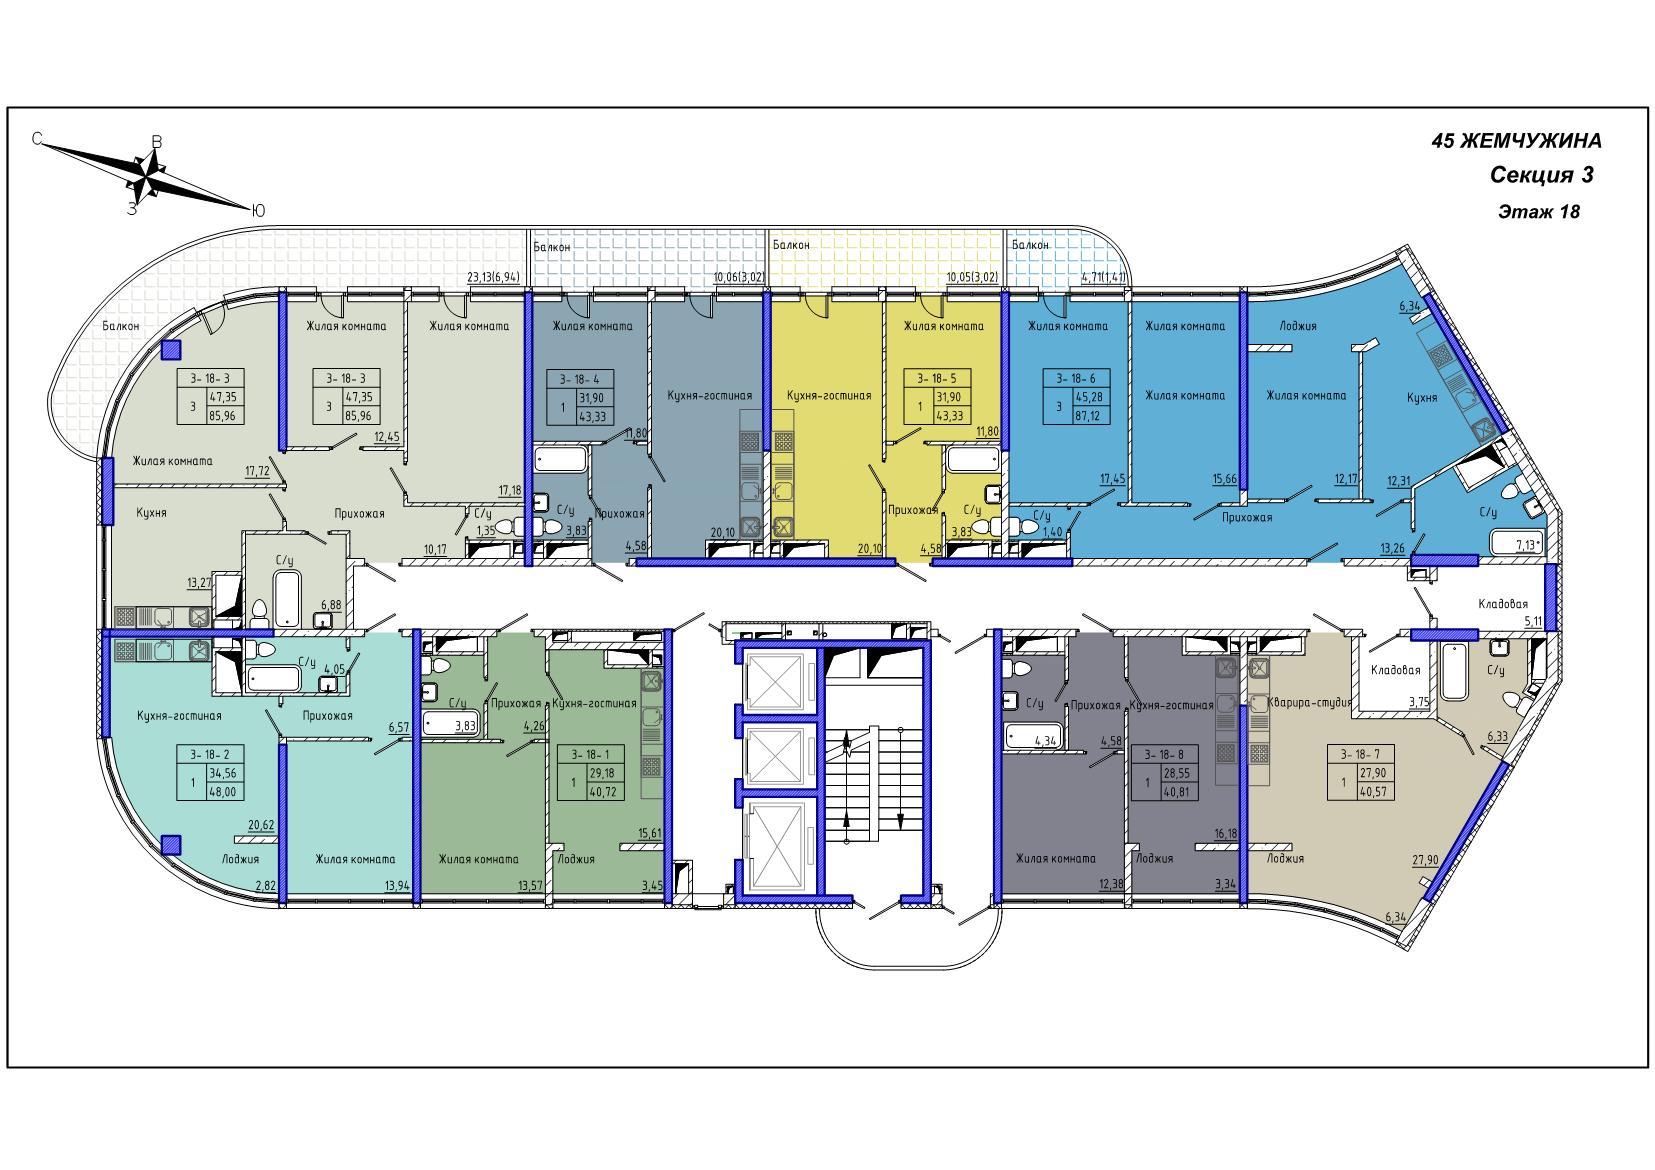 45 Жемчужина / Секция 3 / План 18-го этажа